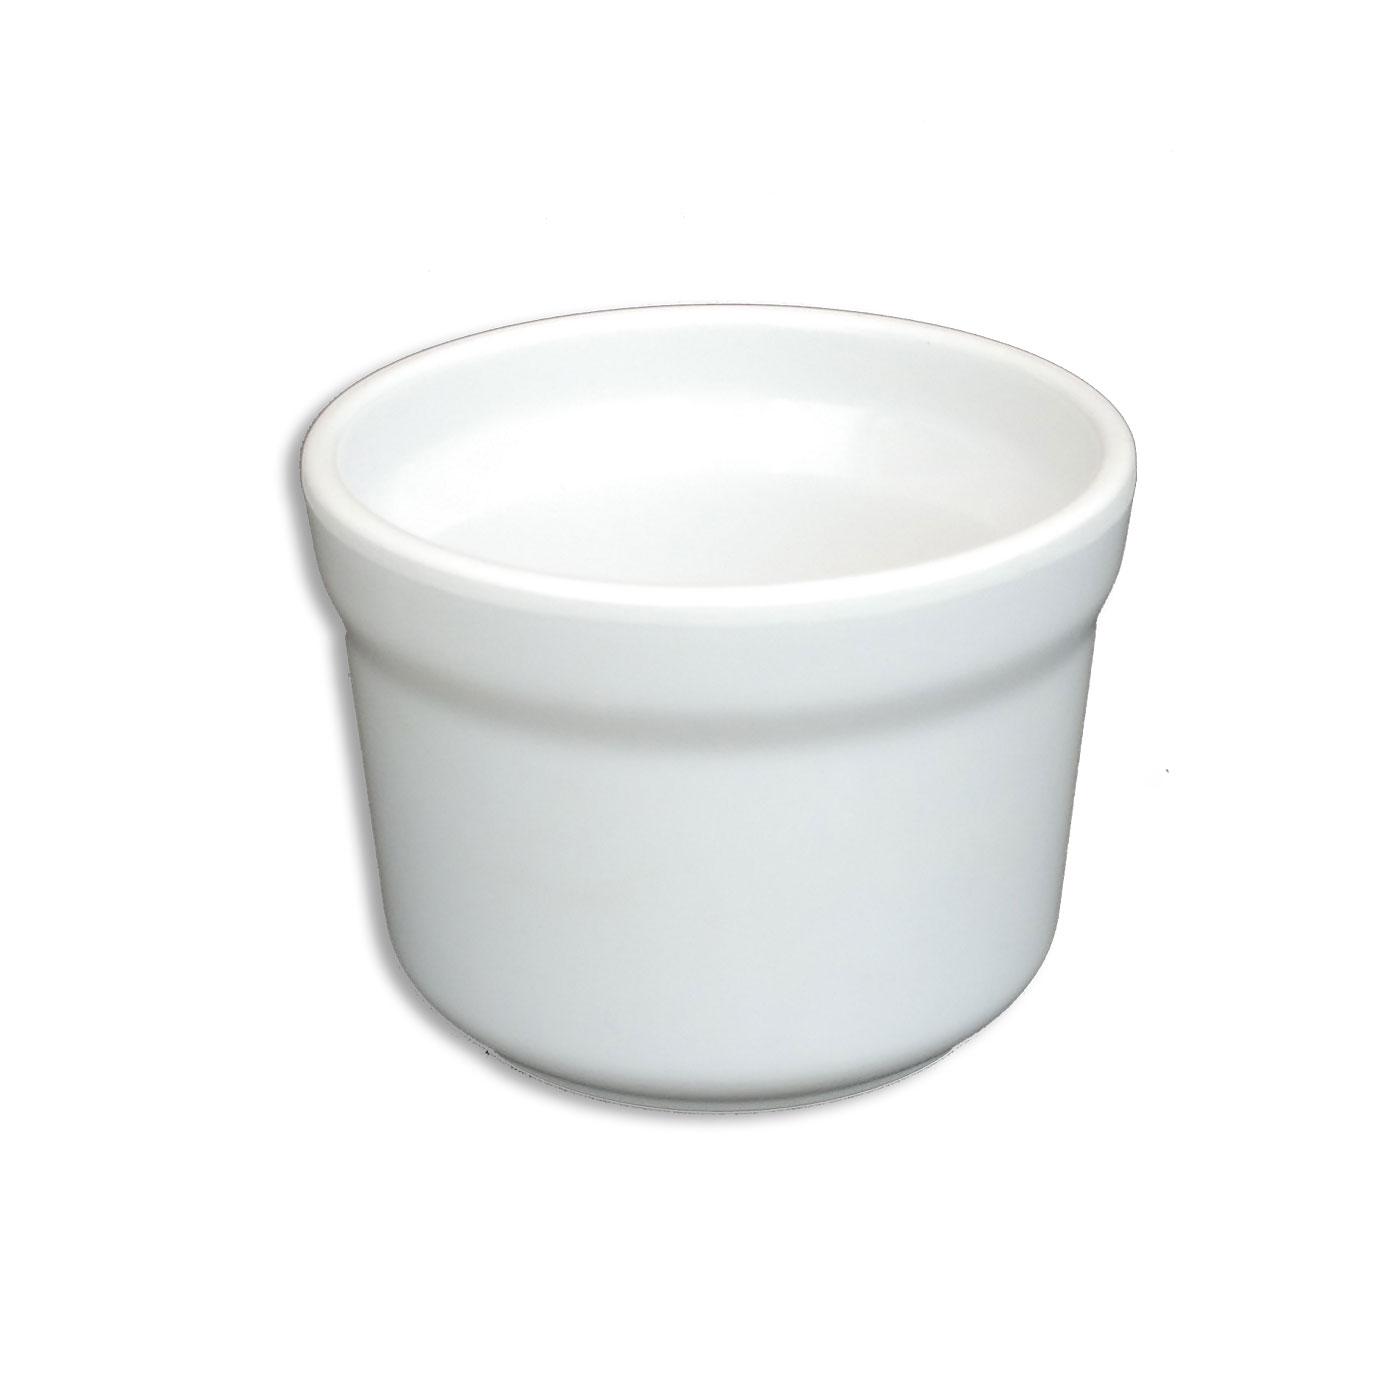 Mangkuk Sup Dengan Tutup Higienis Daftar Harga Terlengkap Mangkok Lis Mutiara 6 W4906 Golden Dragon Melamine Sop Oriental 35 Inch Putih Glori Gwa31h Pth